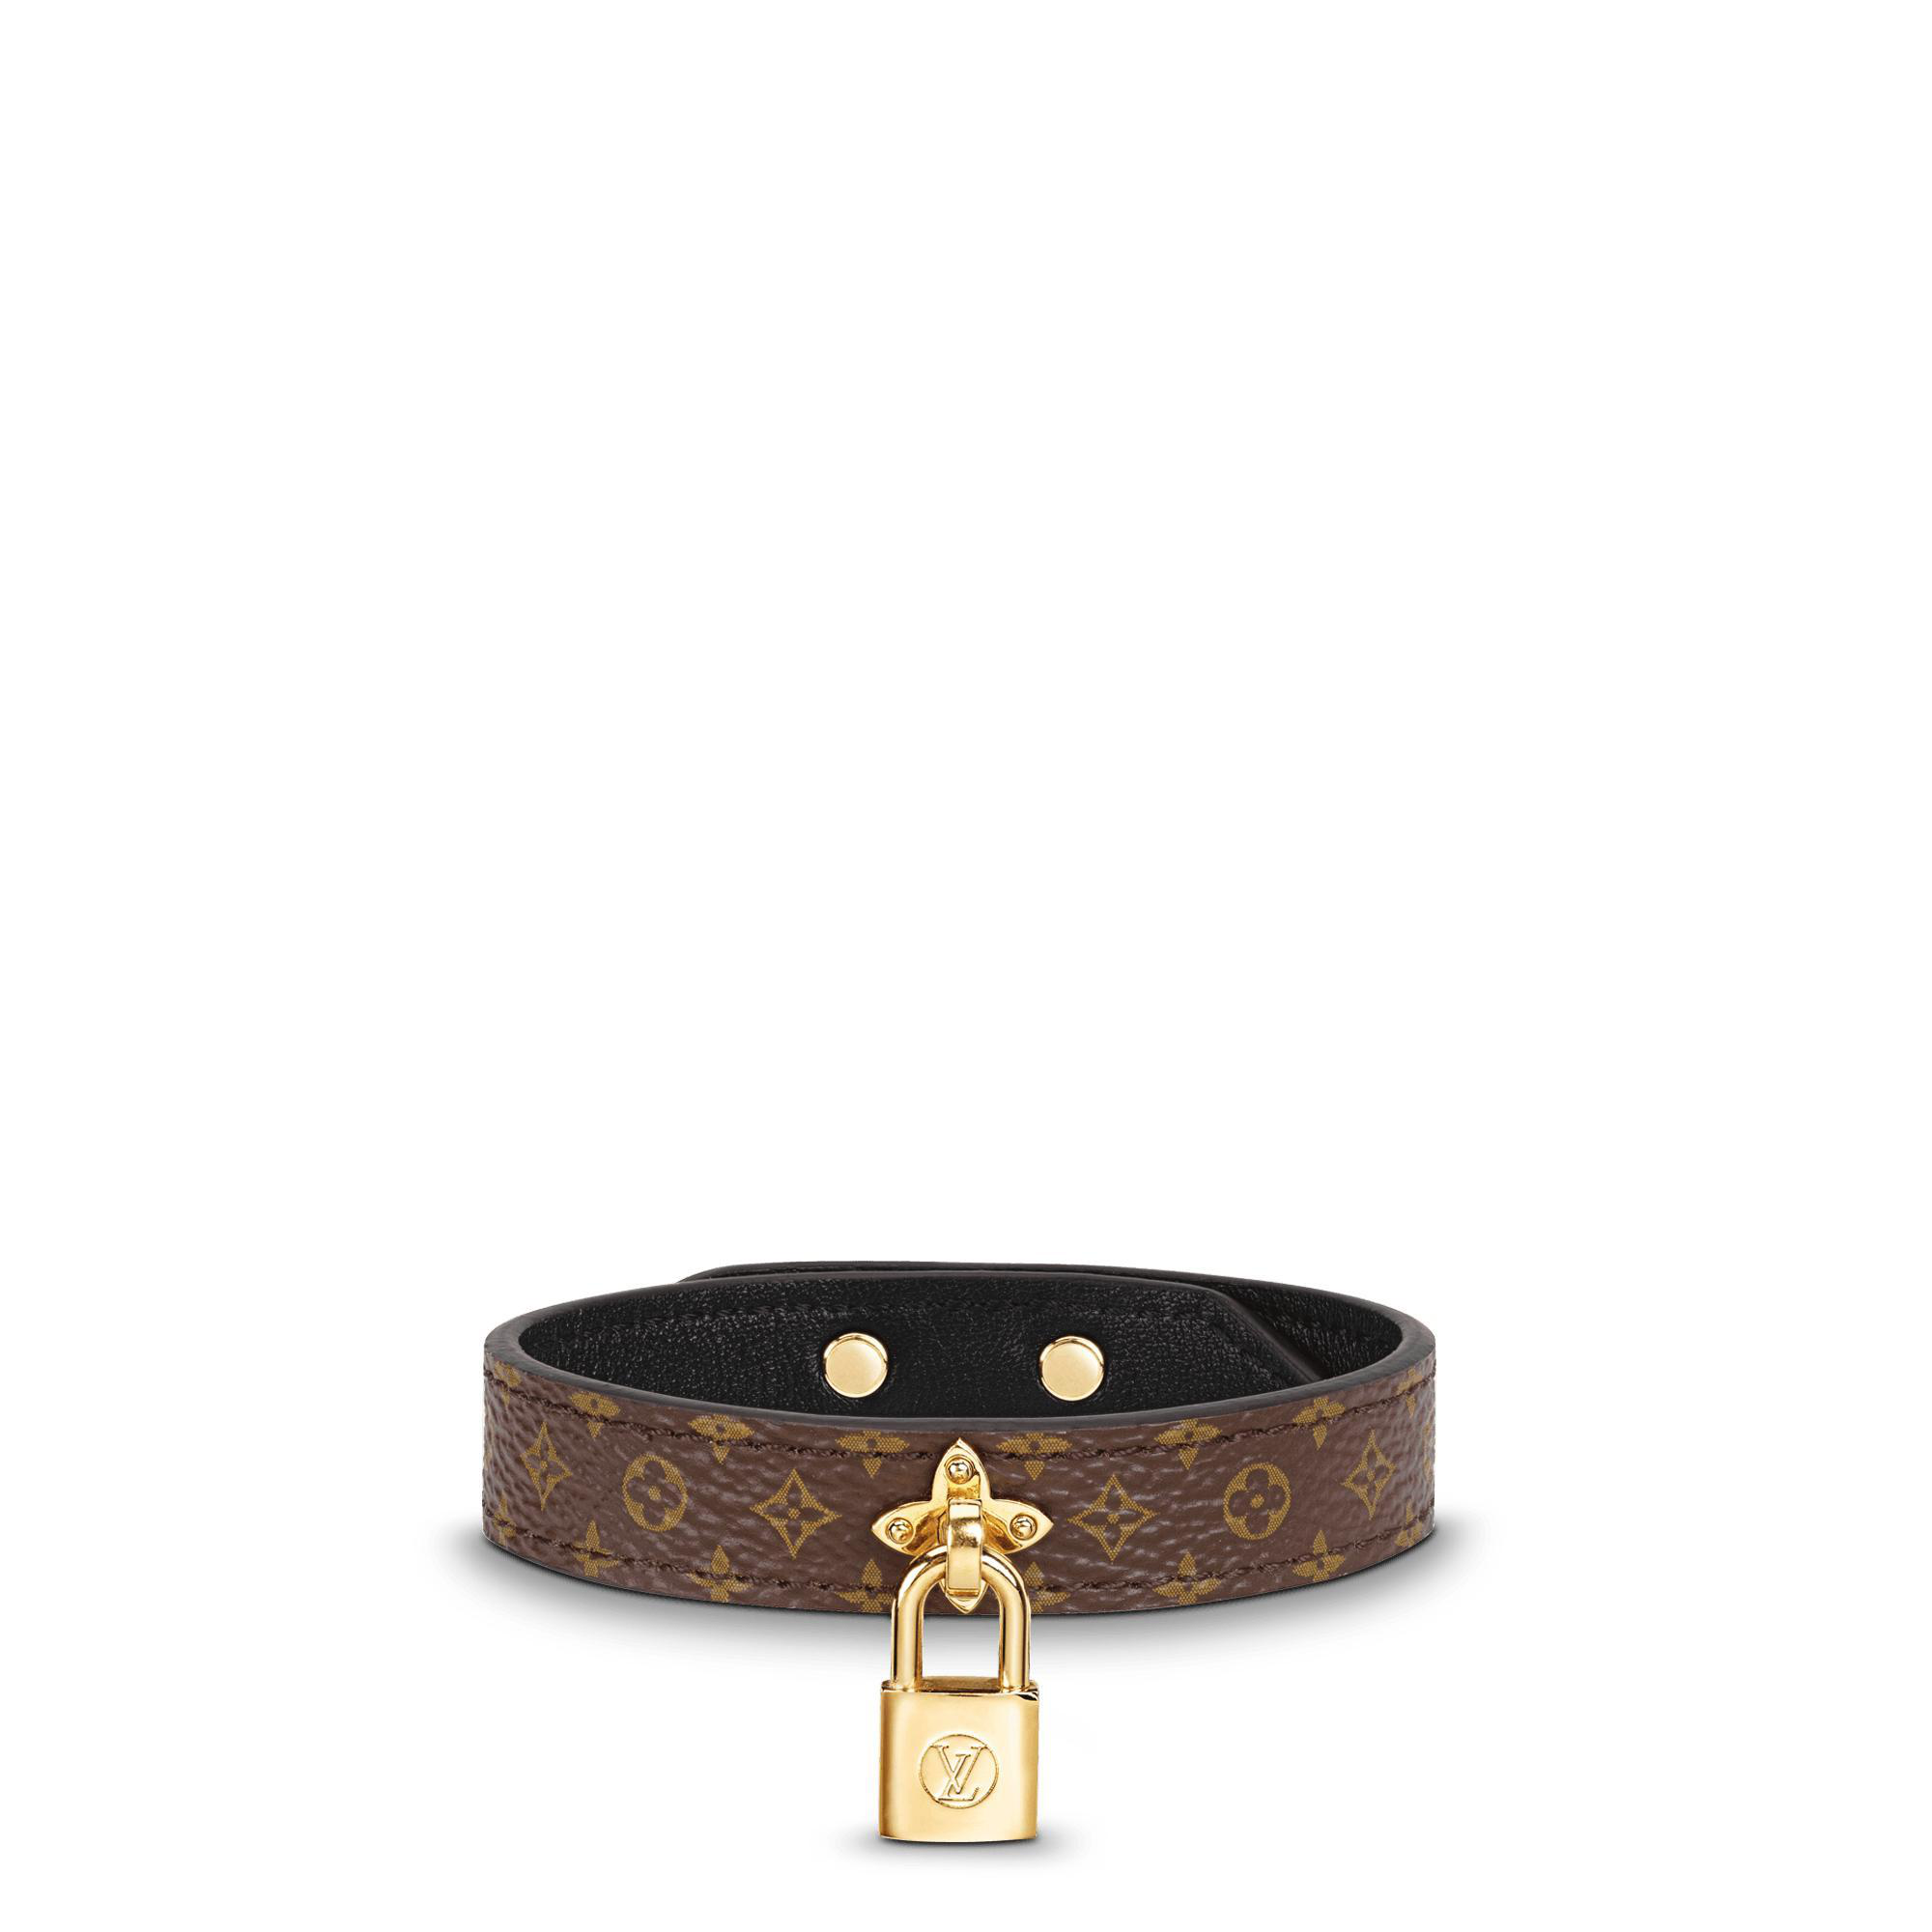 6fb642d0e2375 Louis Vuitton Lockingram Bracelet